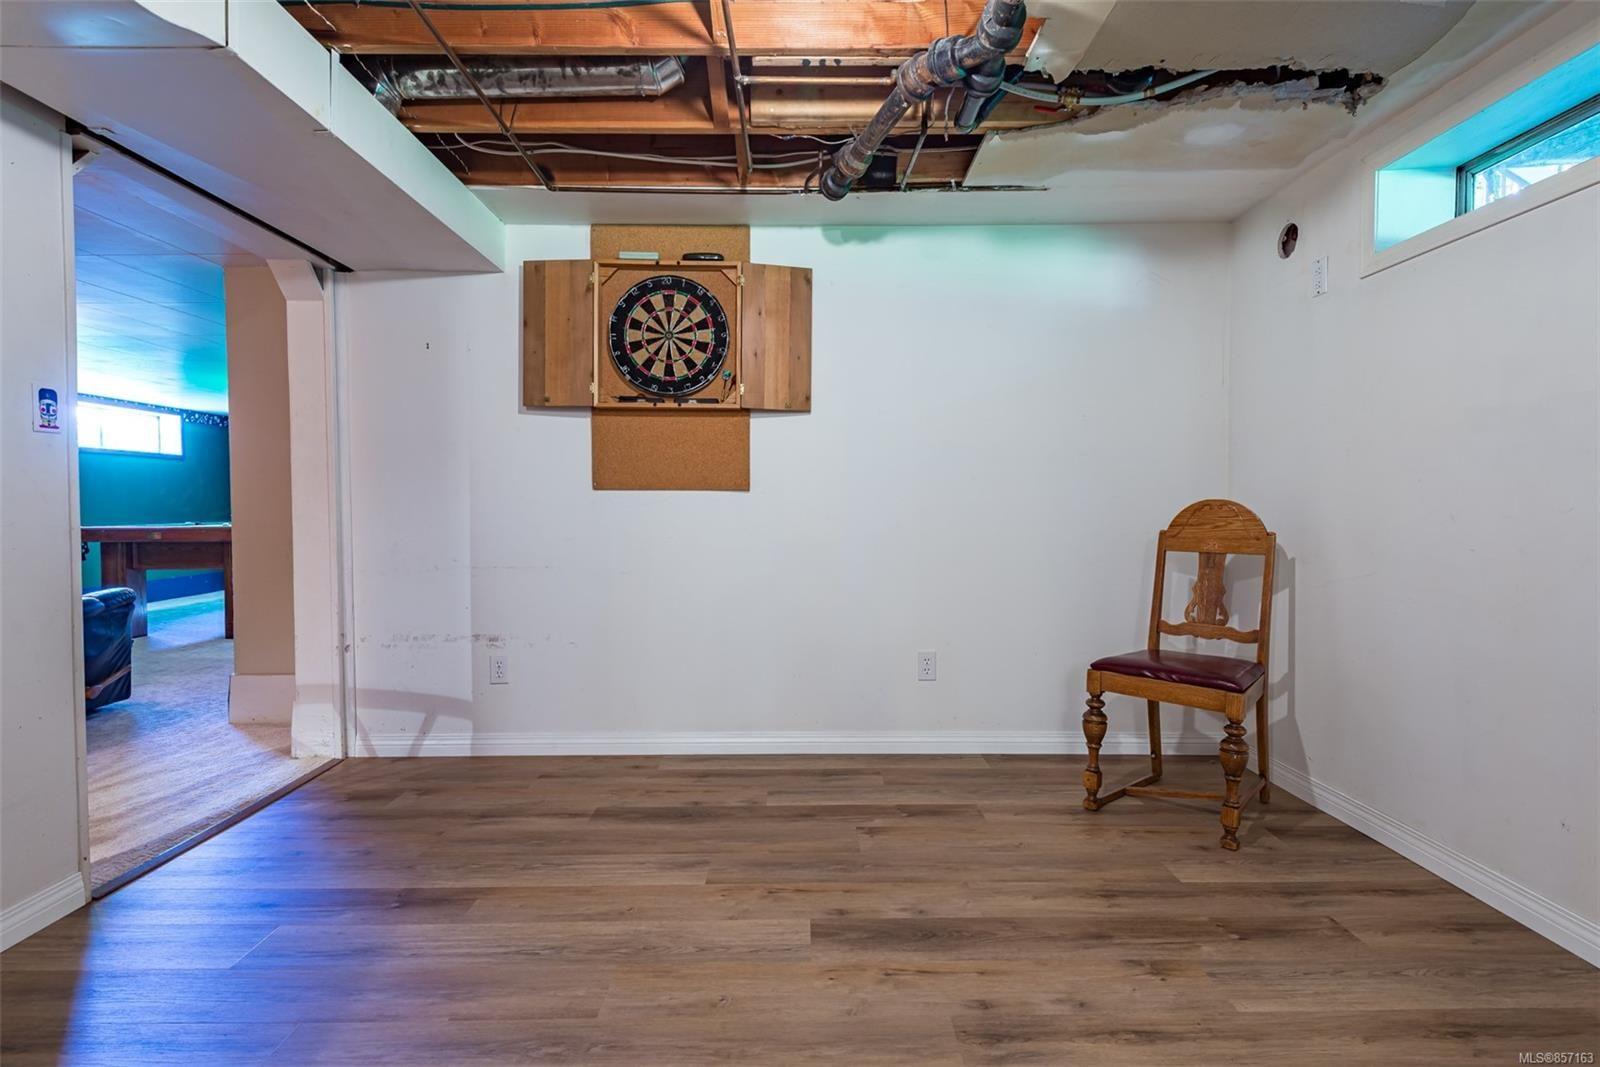 Photo 44: Photos: 4241 Buddington Rd in : CV Courtenay South House for sale (Comox Valley)  : MLS®# 857163